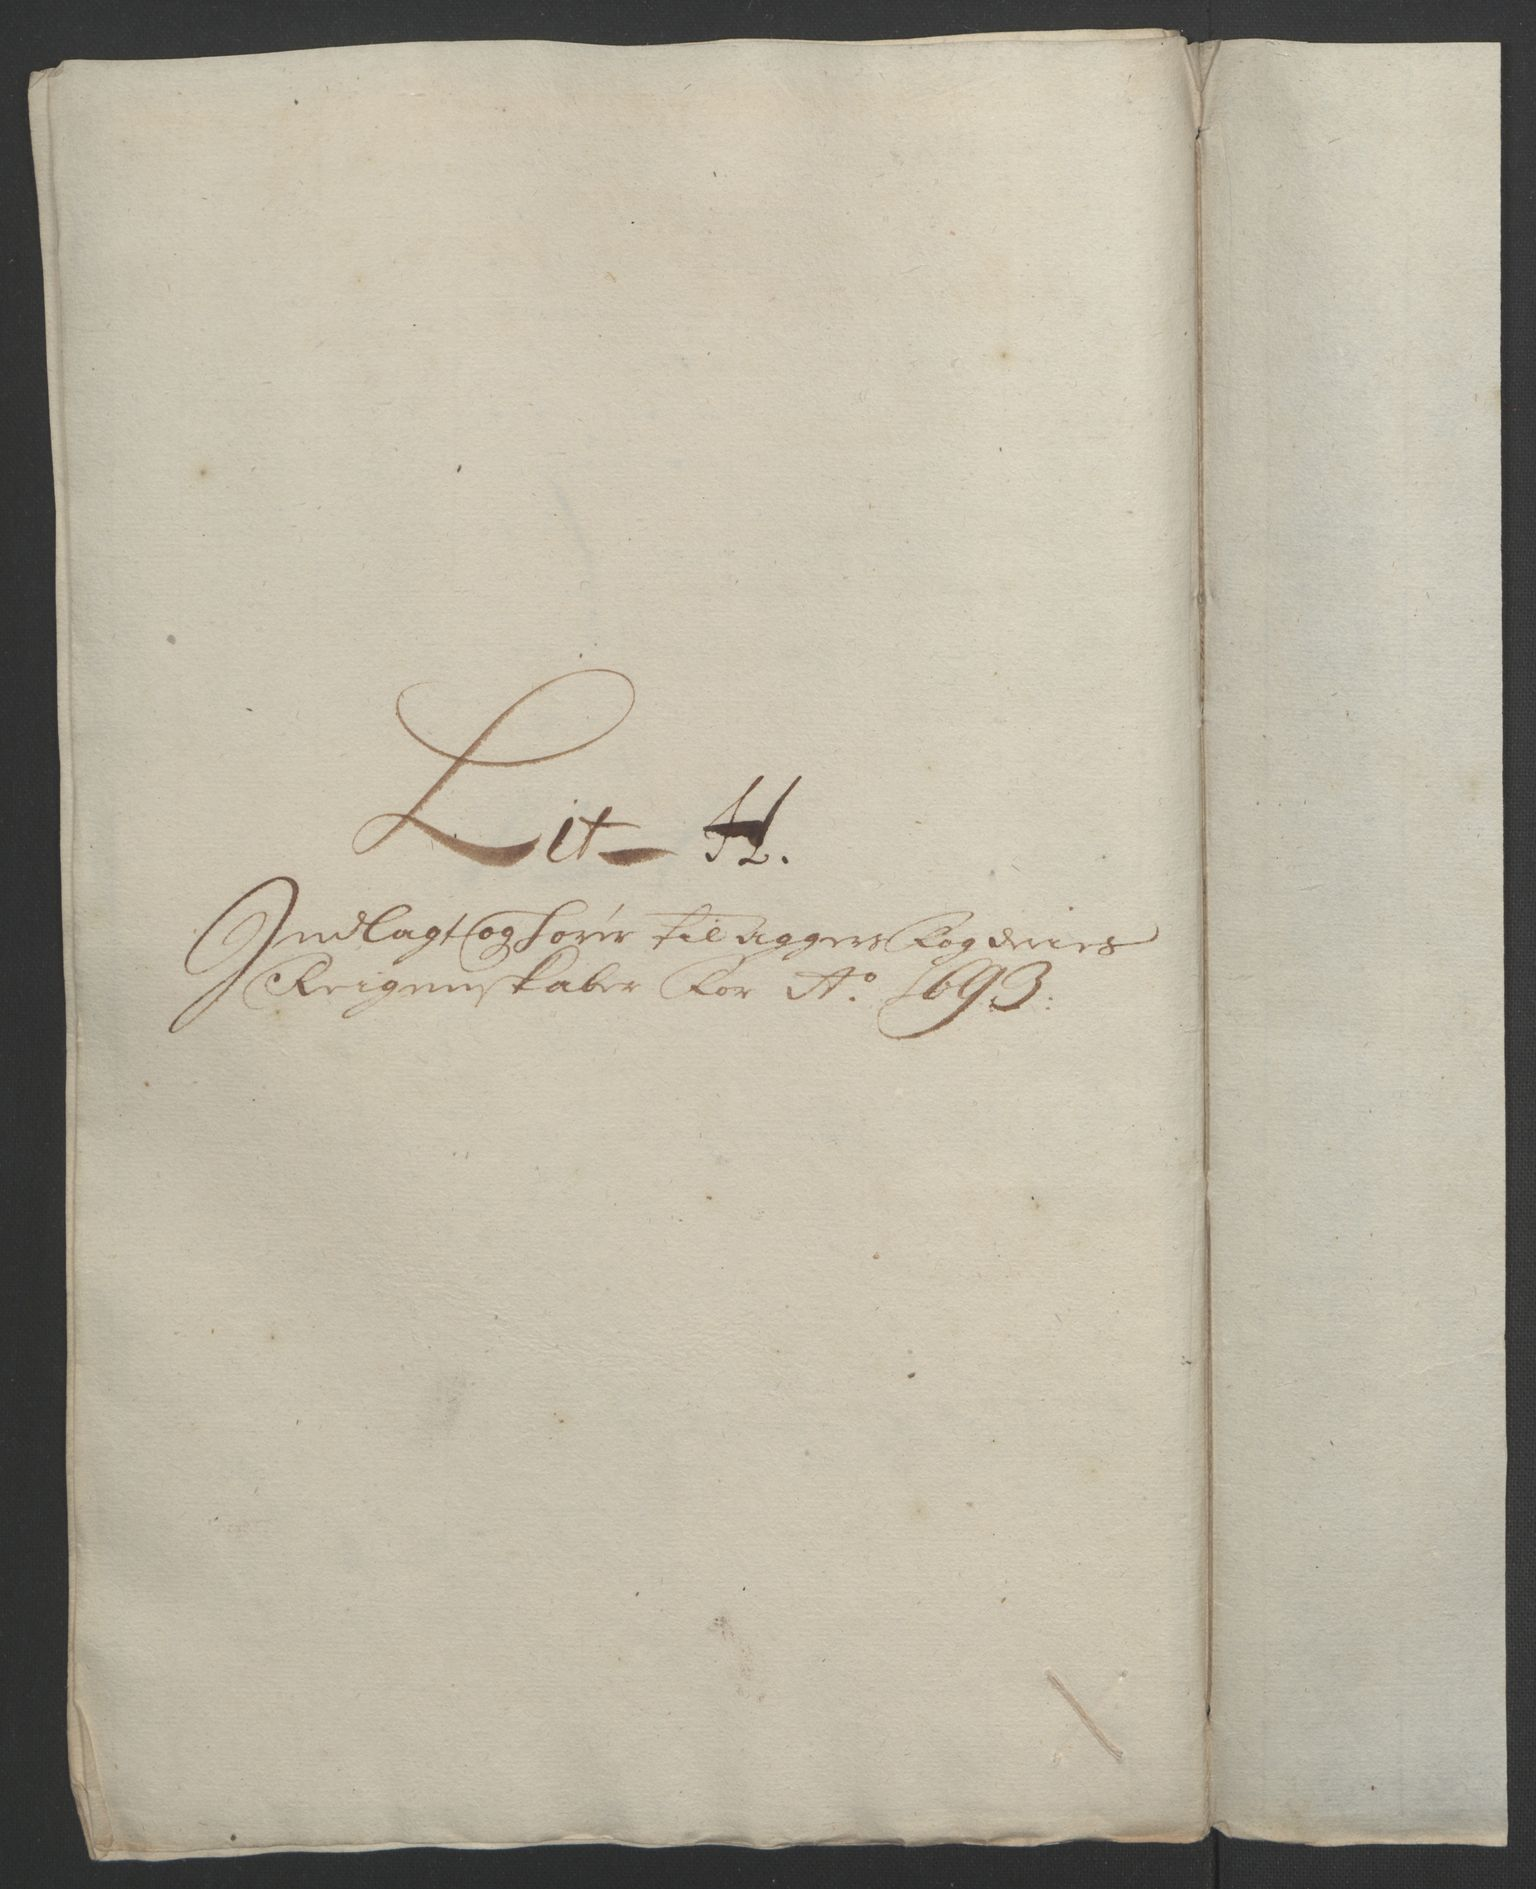 RA, Rentekammeret inntil 1814, Reviderte regnskaper, Fogderegnskap, R08/L0426: Fogderegnskap Aker, 1692-1693, s. 357